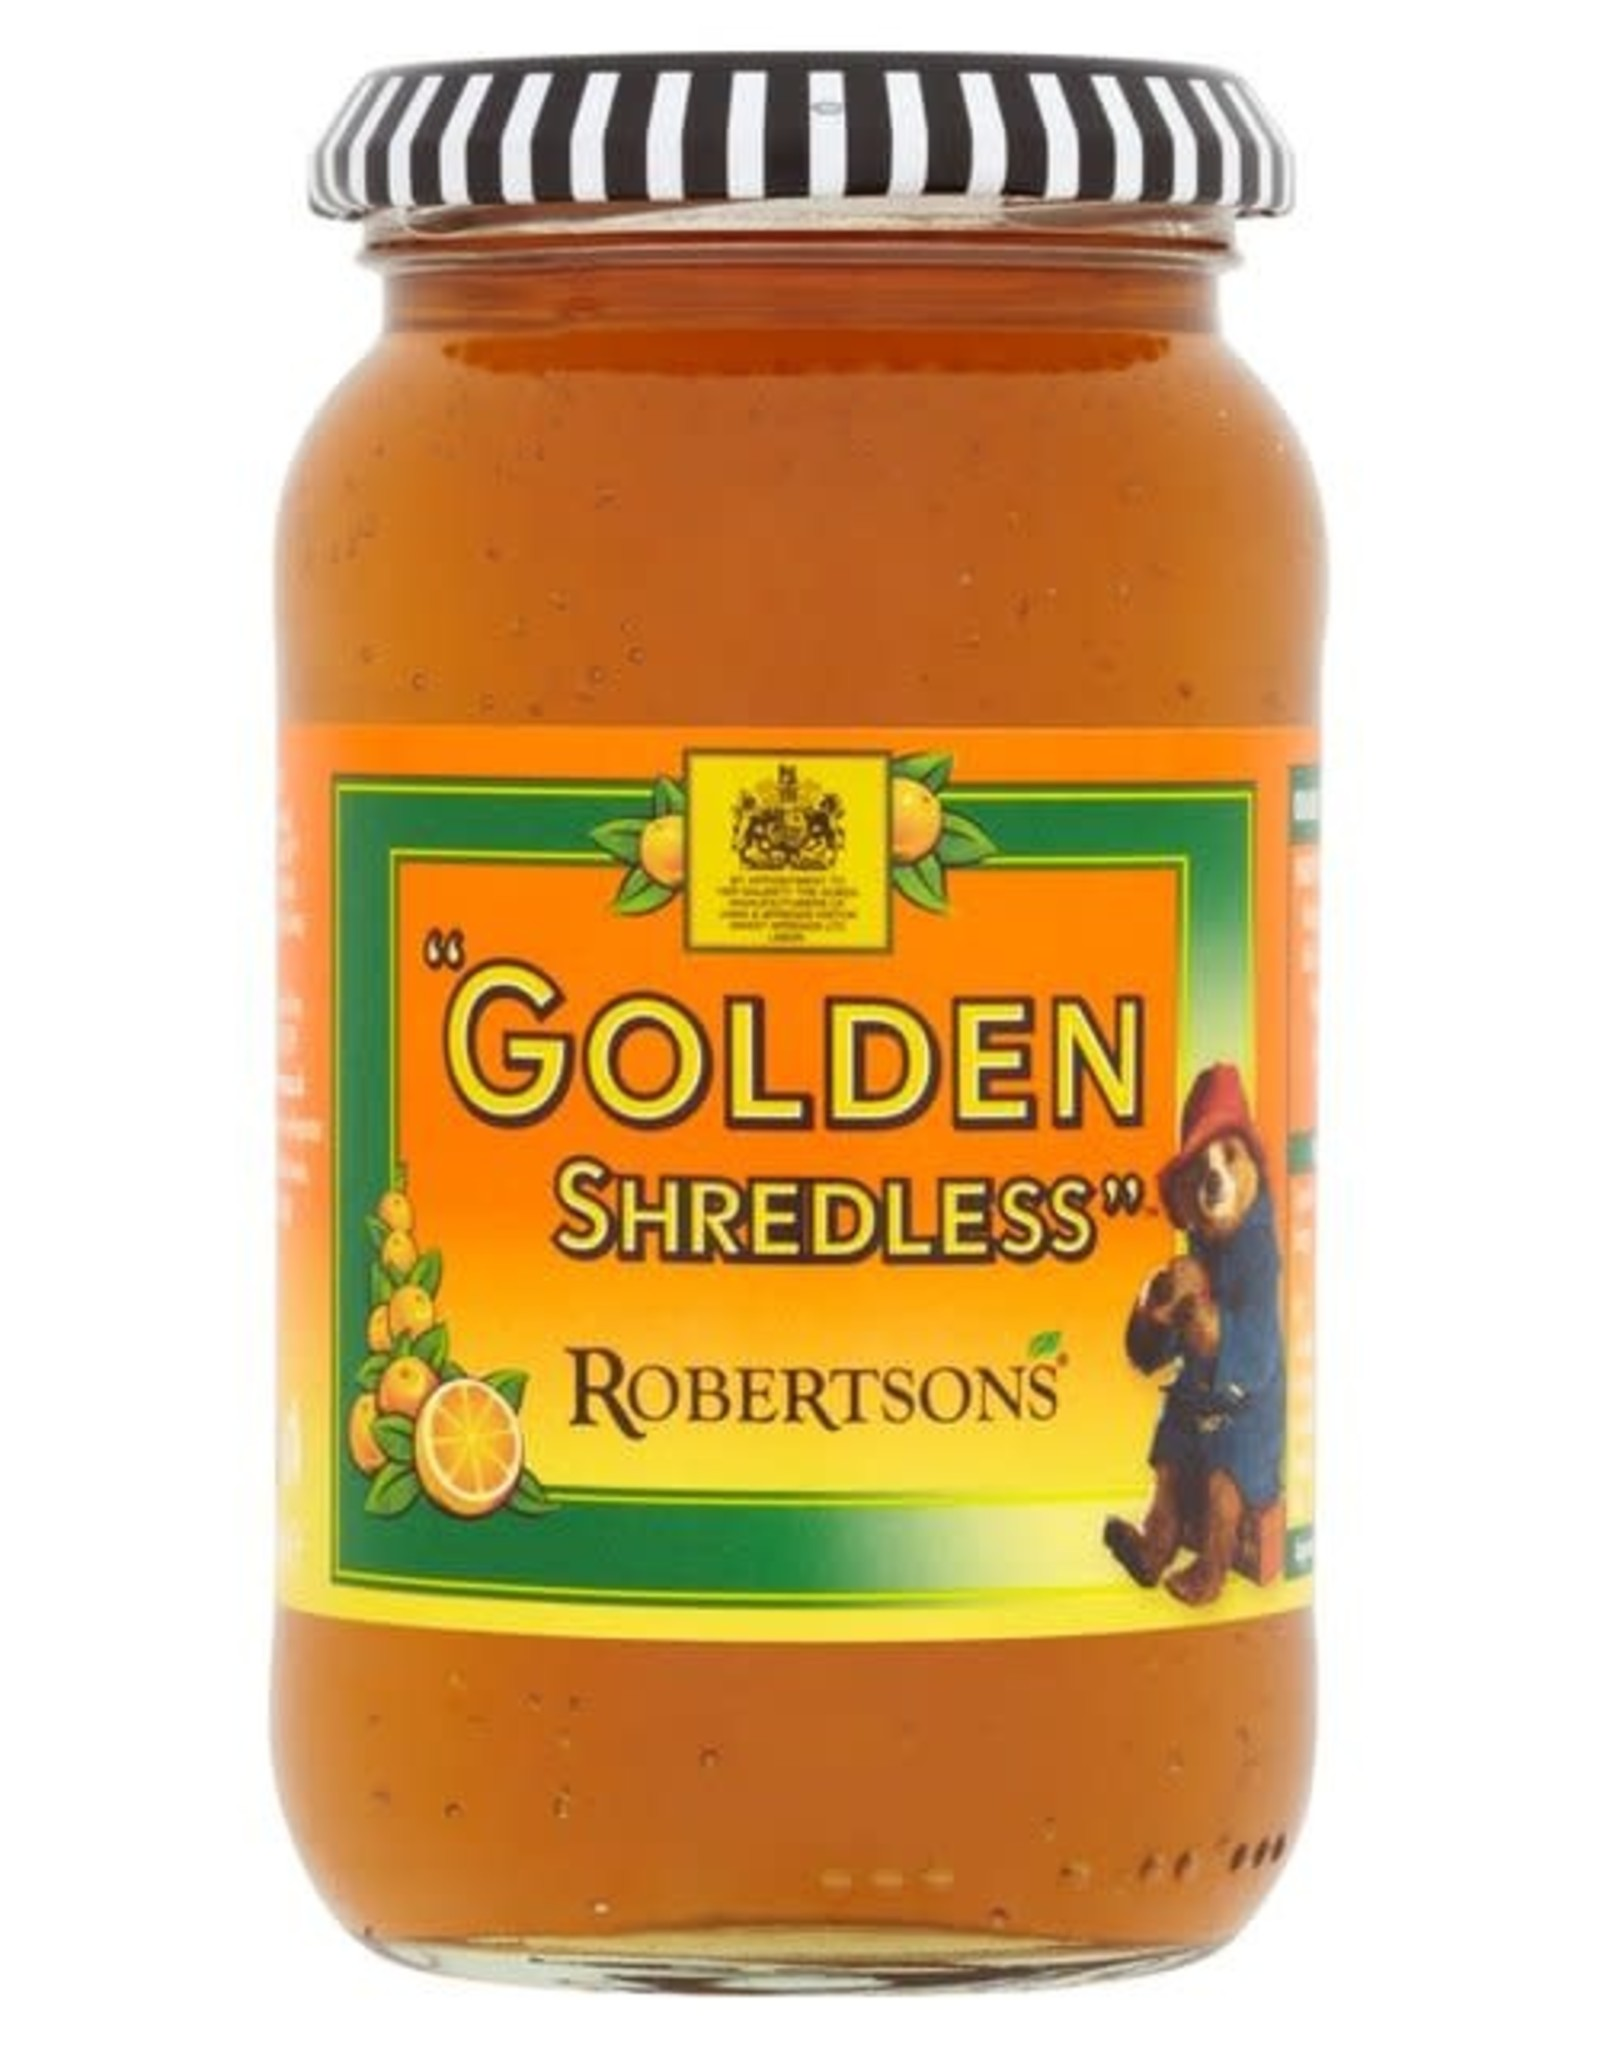 Robertsons Robertson's Golden Shredless Marmalade 454 g